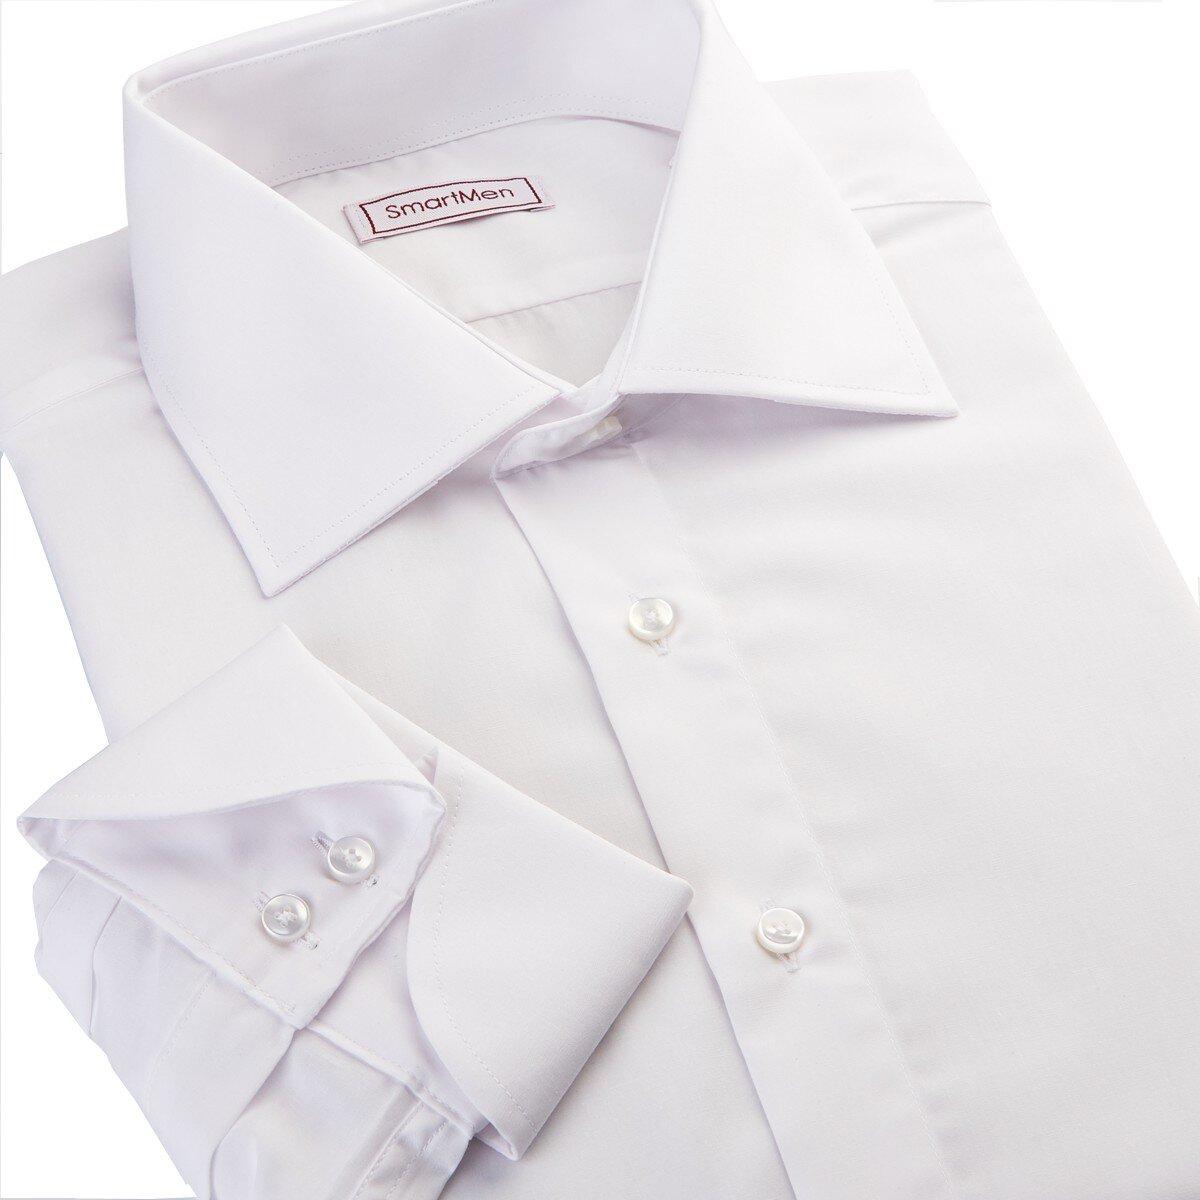 9c8c2cdd4f17 Biela pánska košeľa Non Iron James Bond